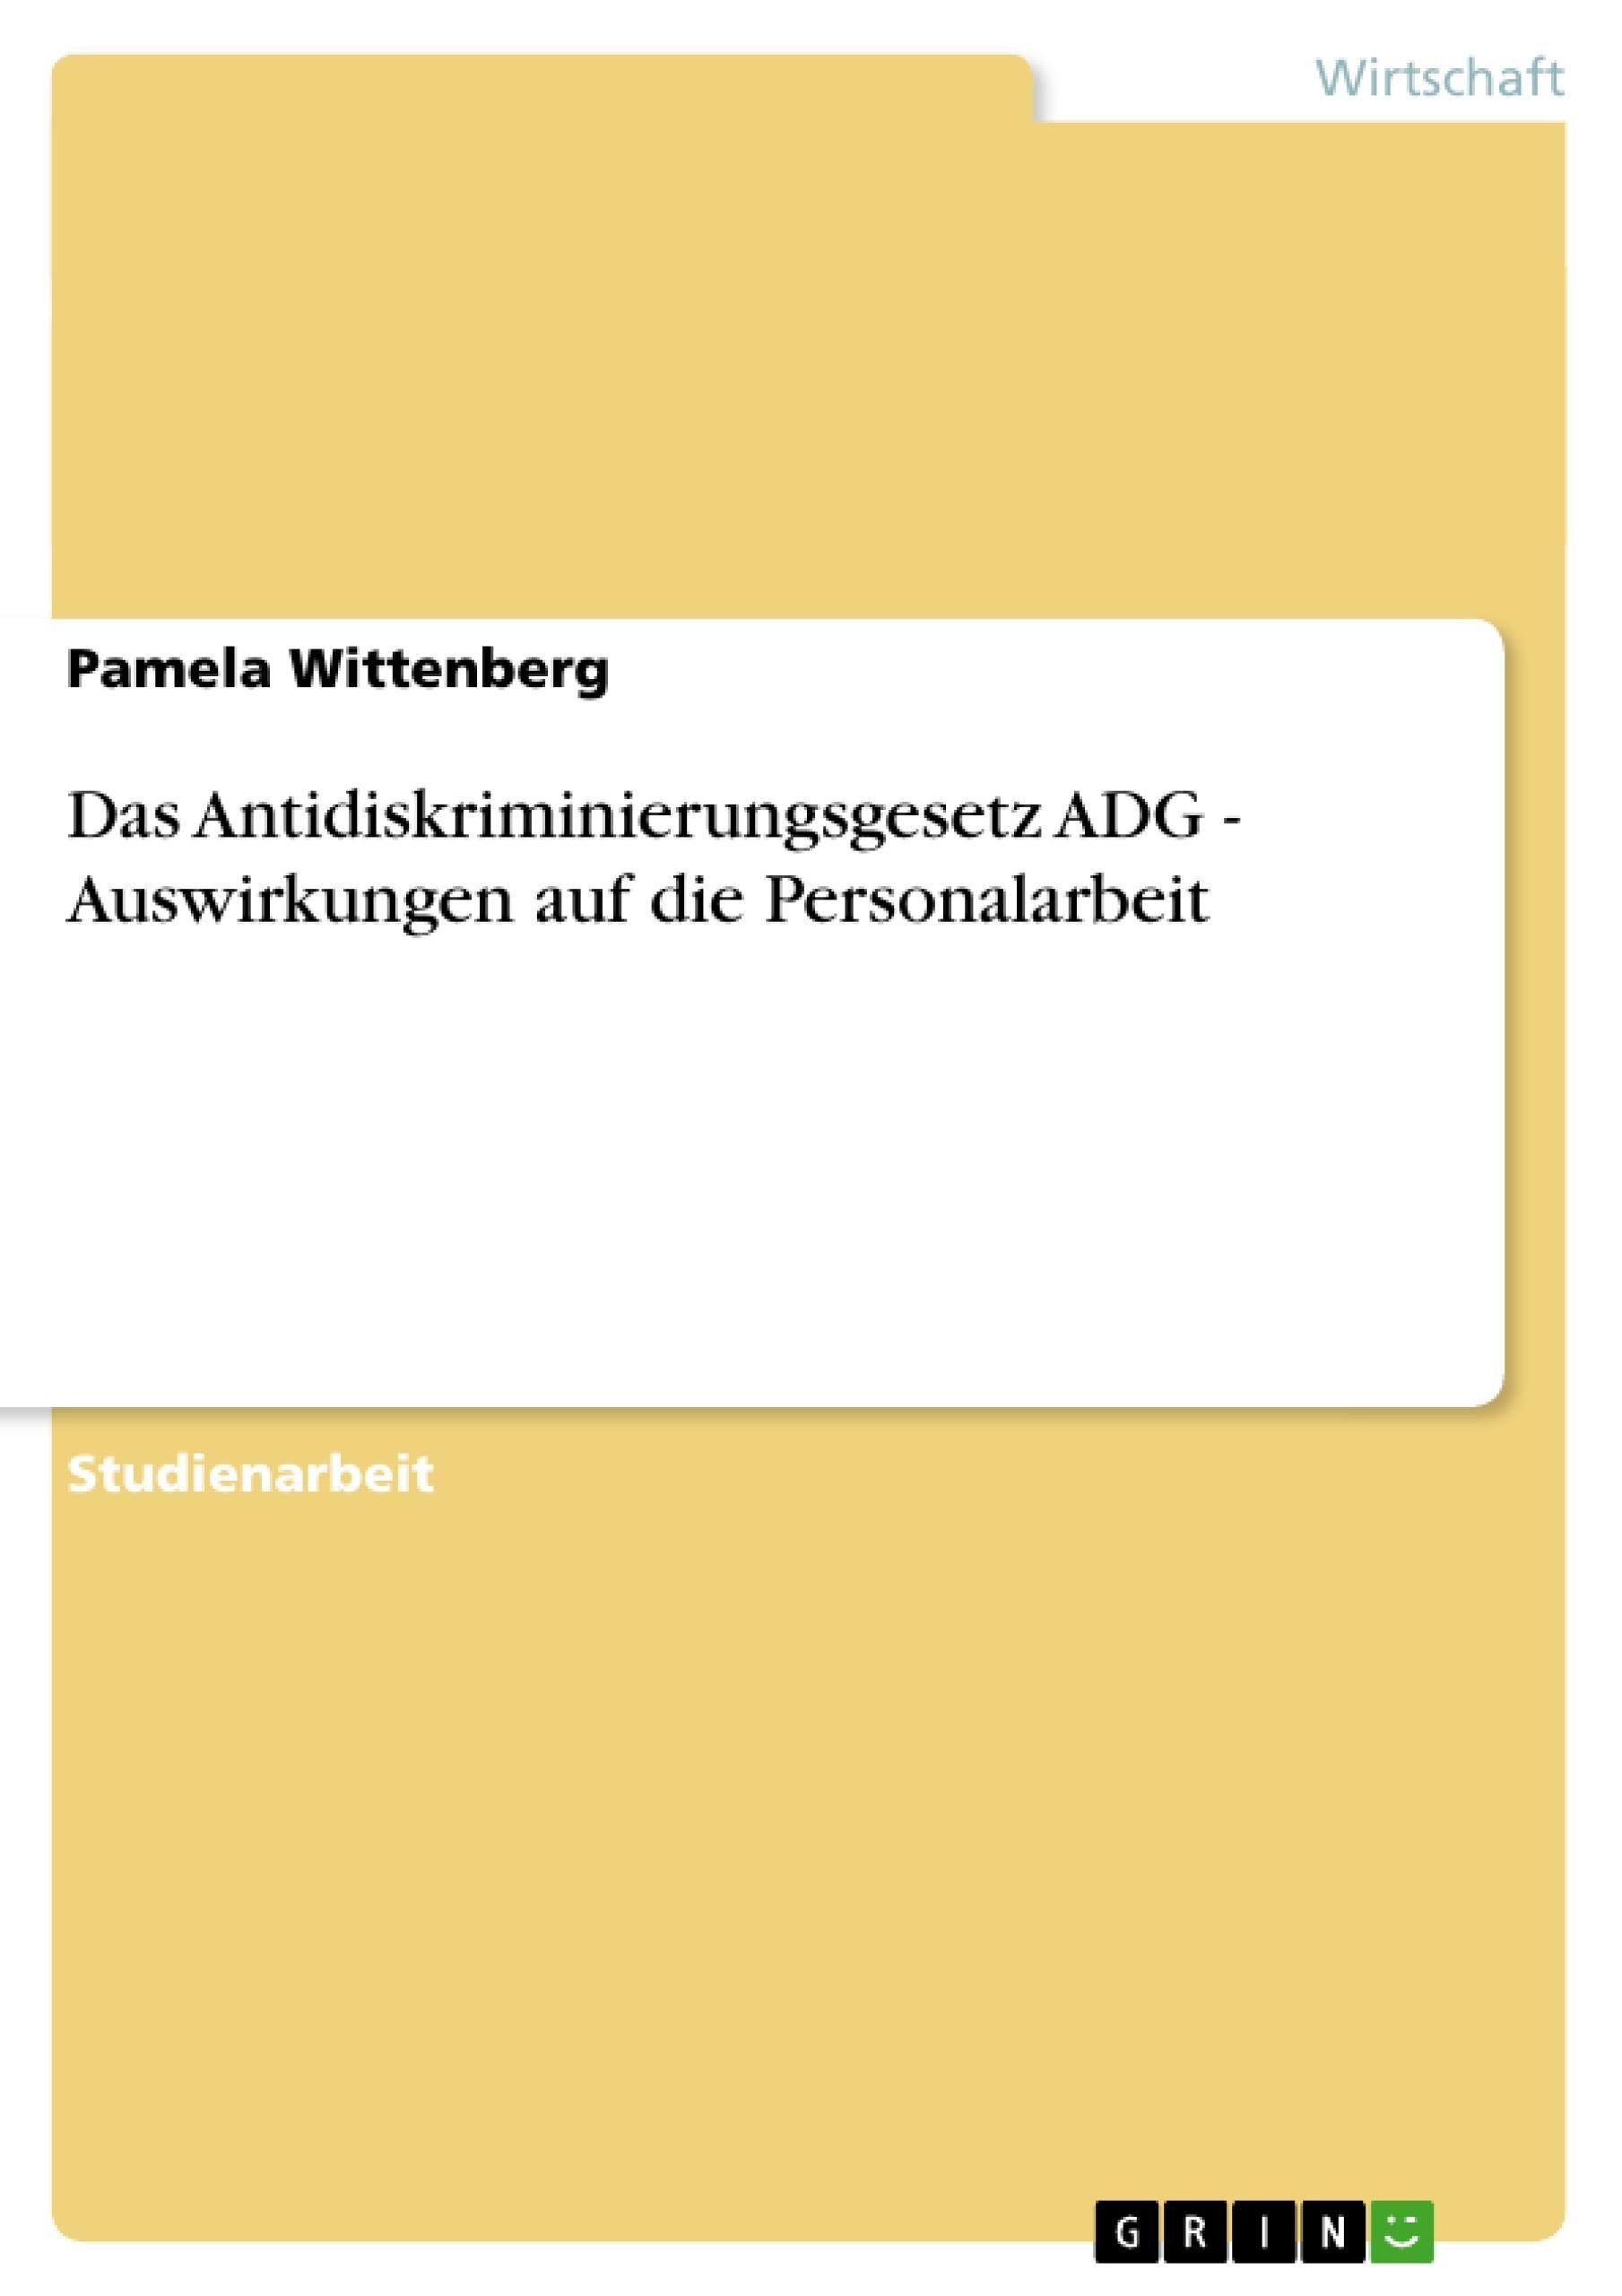 Titel: Das Antidiskriminierungsgesetz ADG - Auswirkungen auf die Personalarbeit